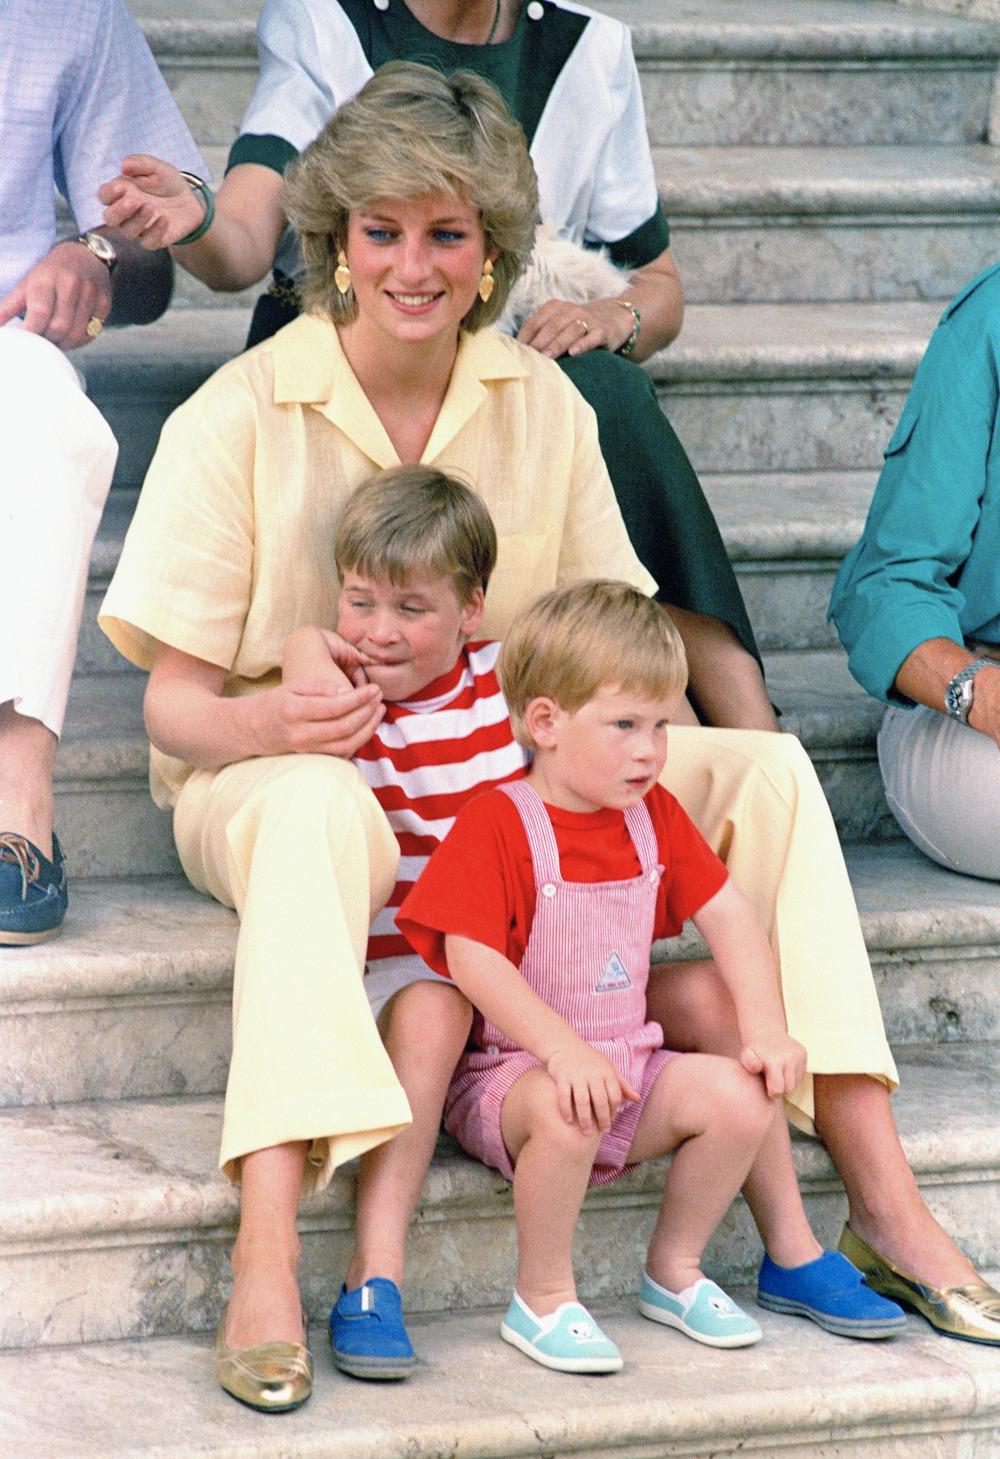 Η πριγκίπισσα Νταϊάνα με τον πρίγκιπα Χάρι και τον πρίγκιπα Γουίλιαμ